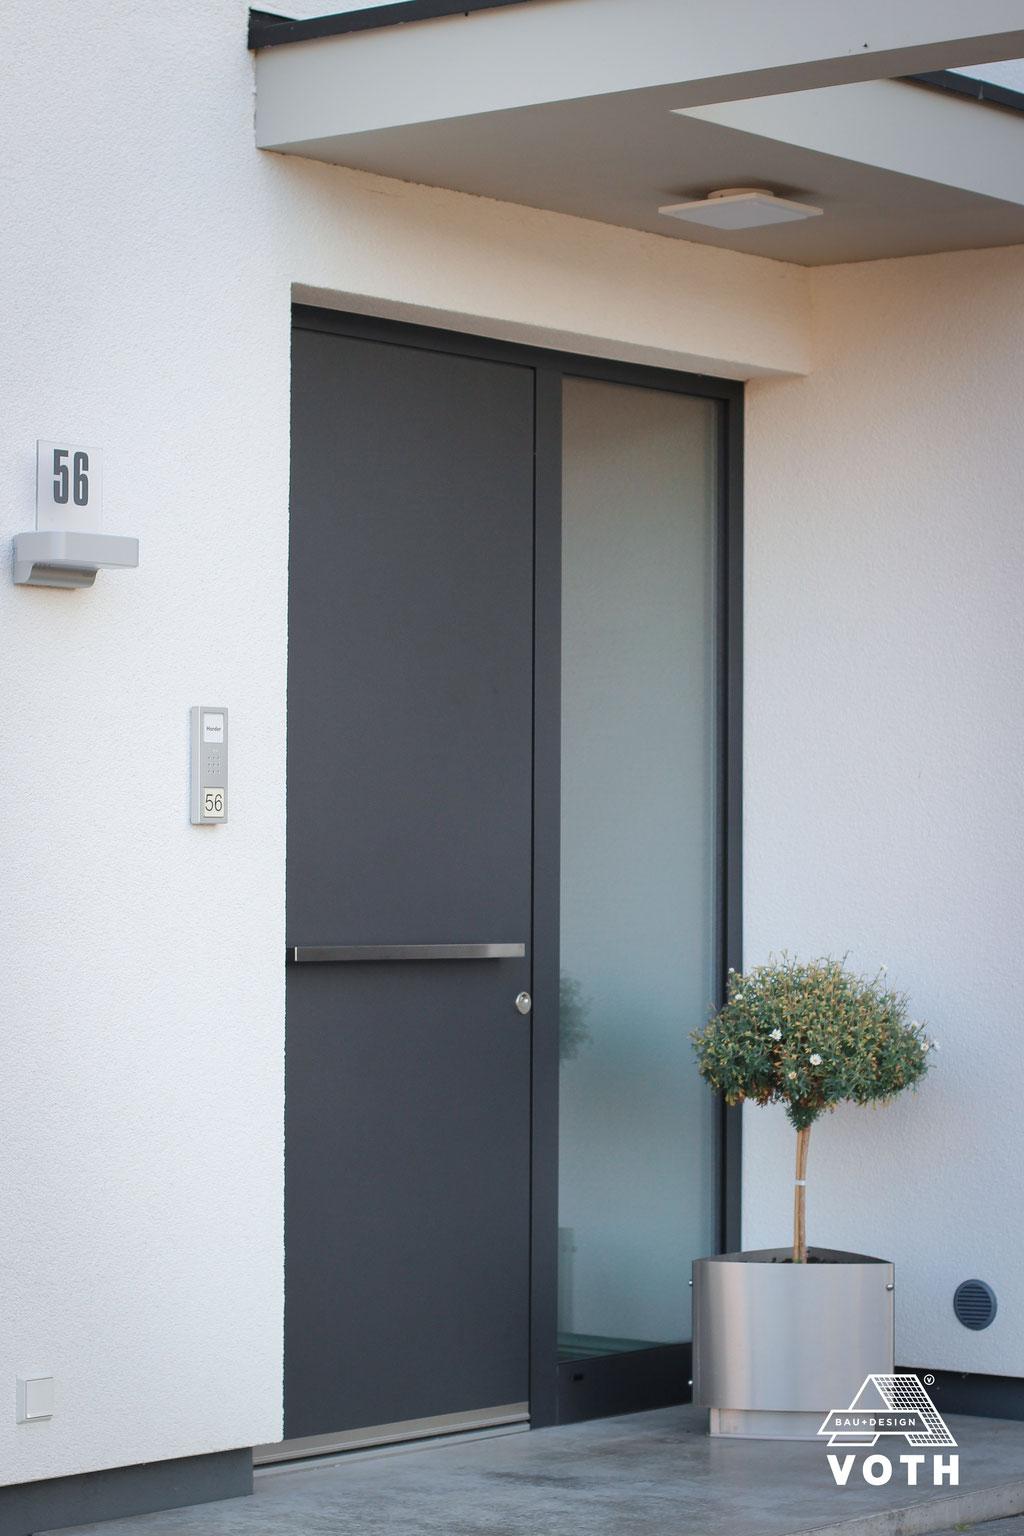 Haustüre mit Seitenteil